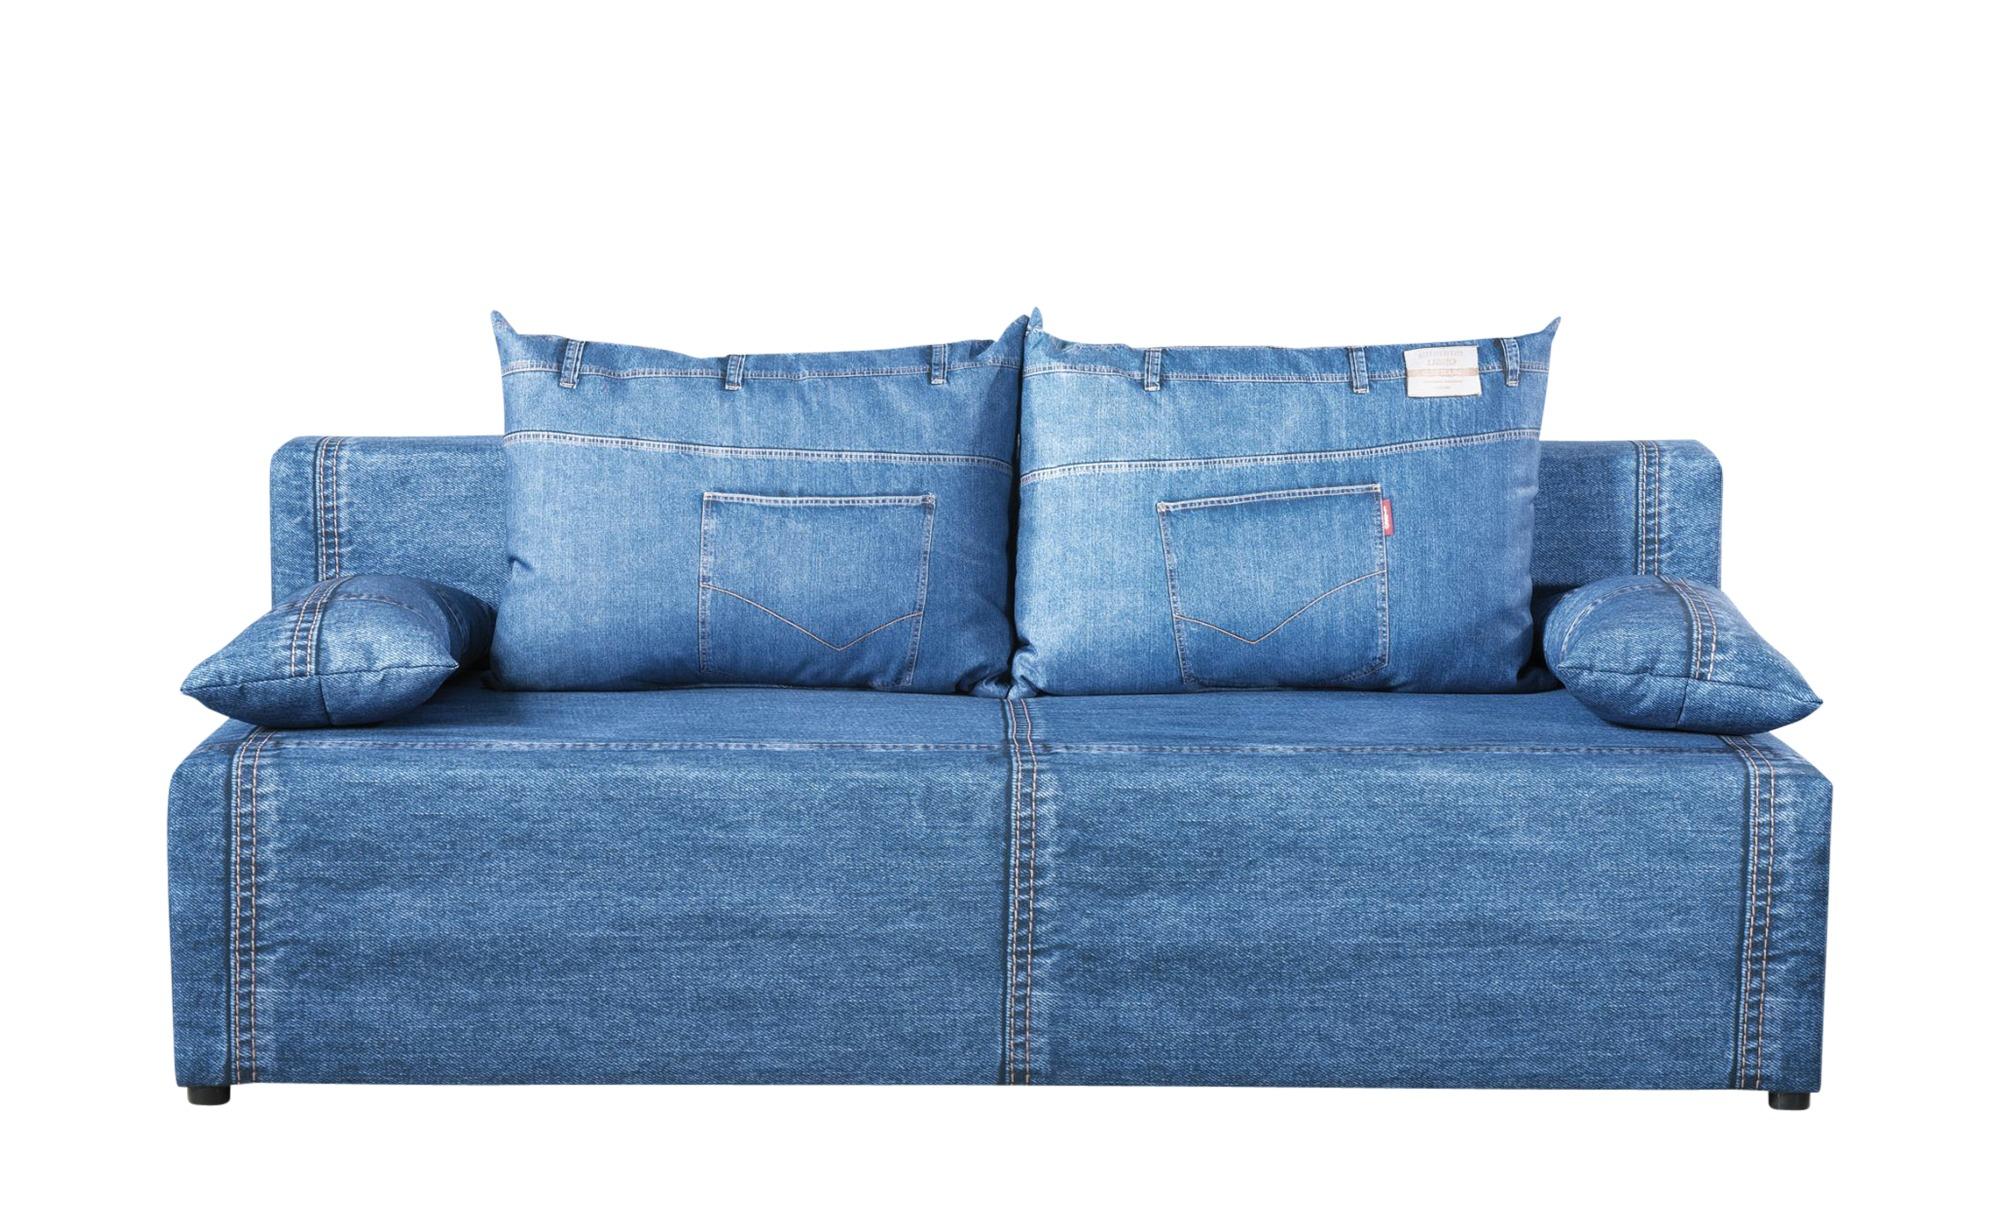 Schlafsofa  Denny ¦ blau ¦ Maße (cm): B: 91 H: 88 Polstermöbel > Sofas > Einzelsofas - Höffner